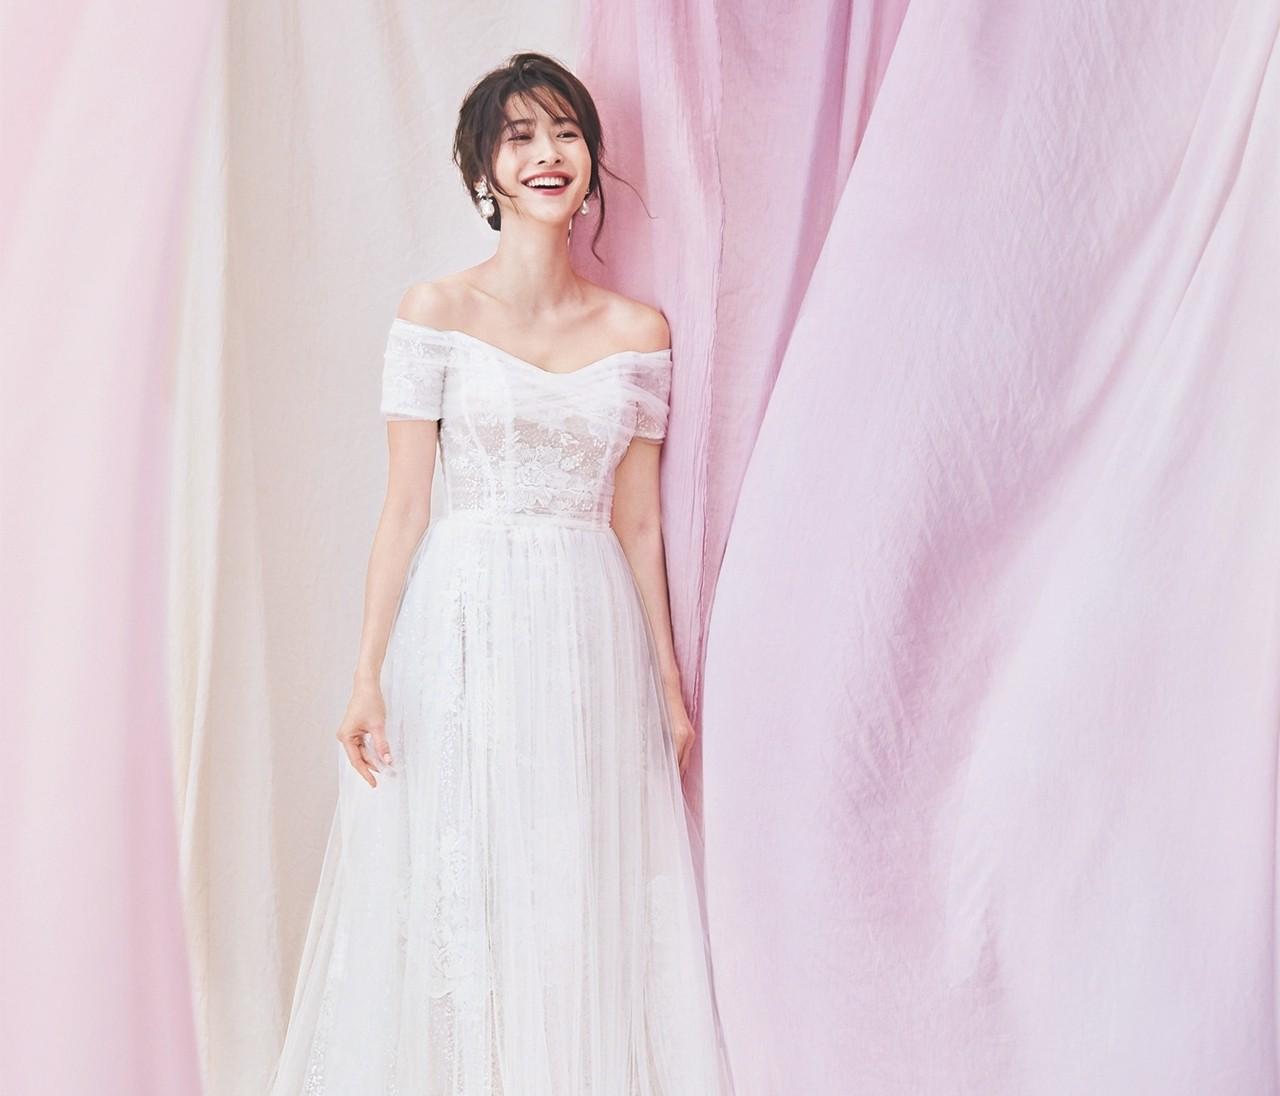 【人生最高のドレス選びはノバレーゼで】女らしさが高まる運命のウエディングドレス